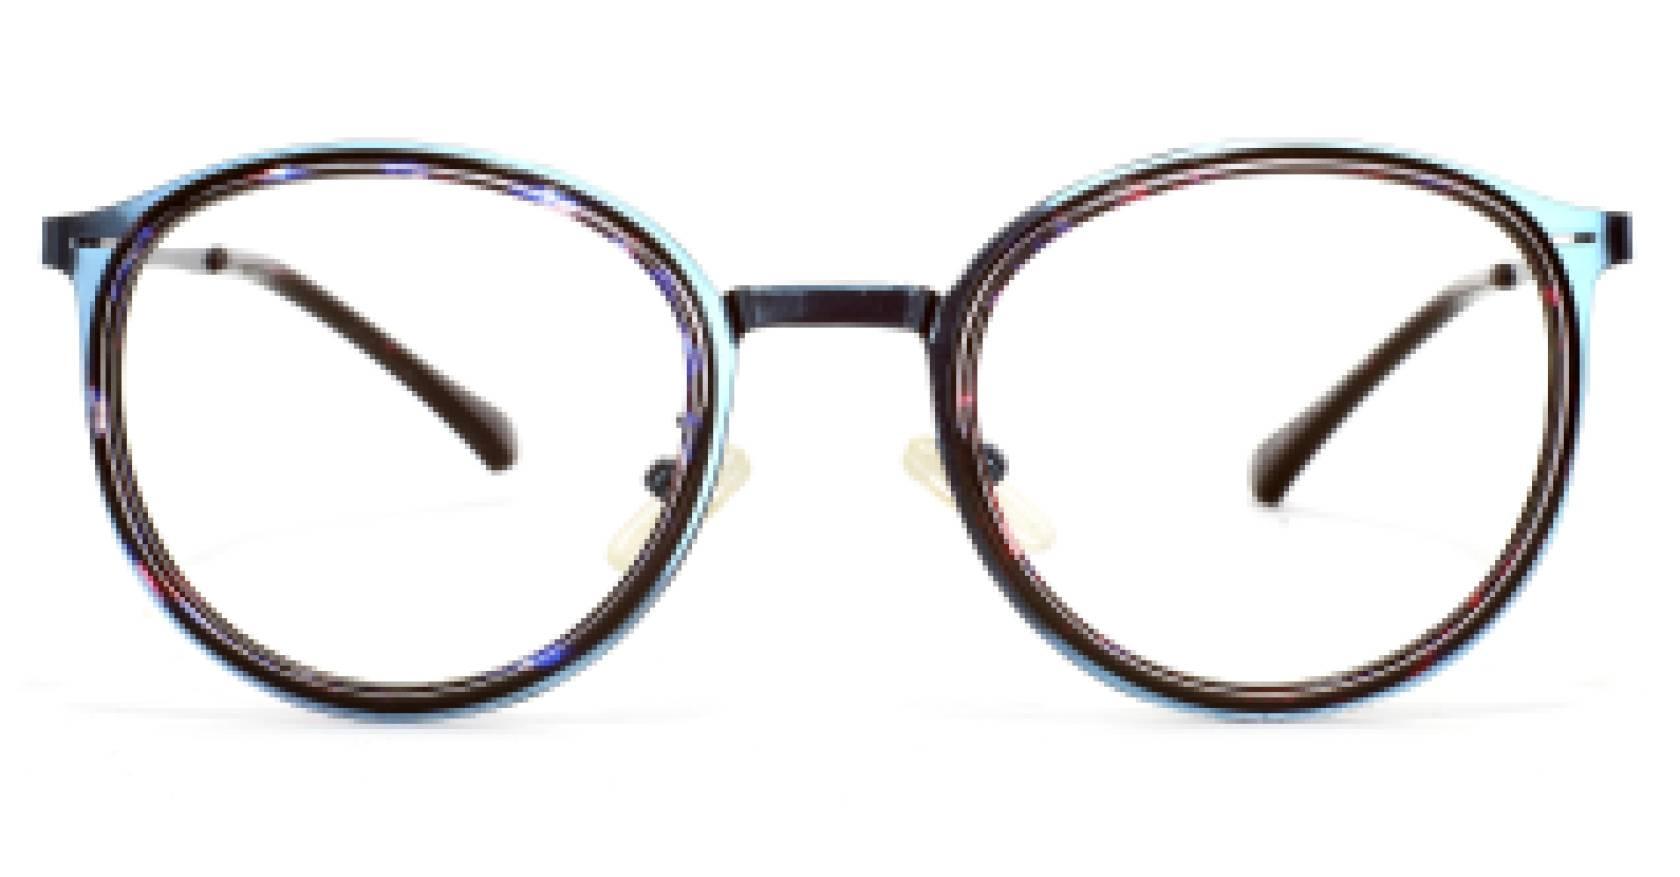 imagen miniatura frontal de la referencia 1001646